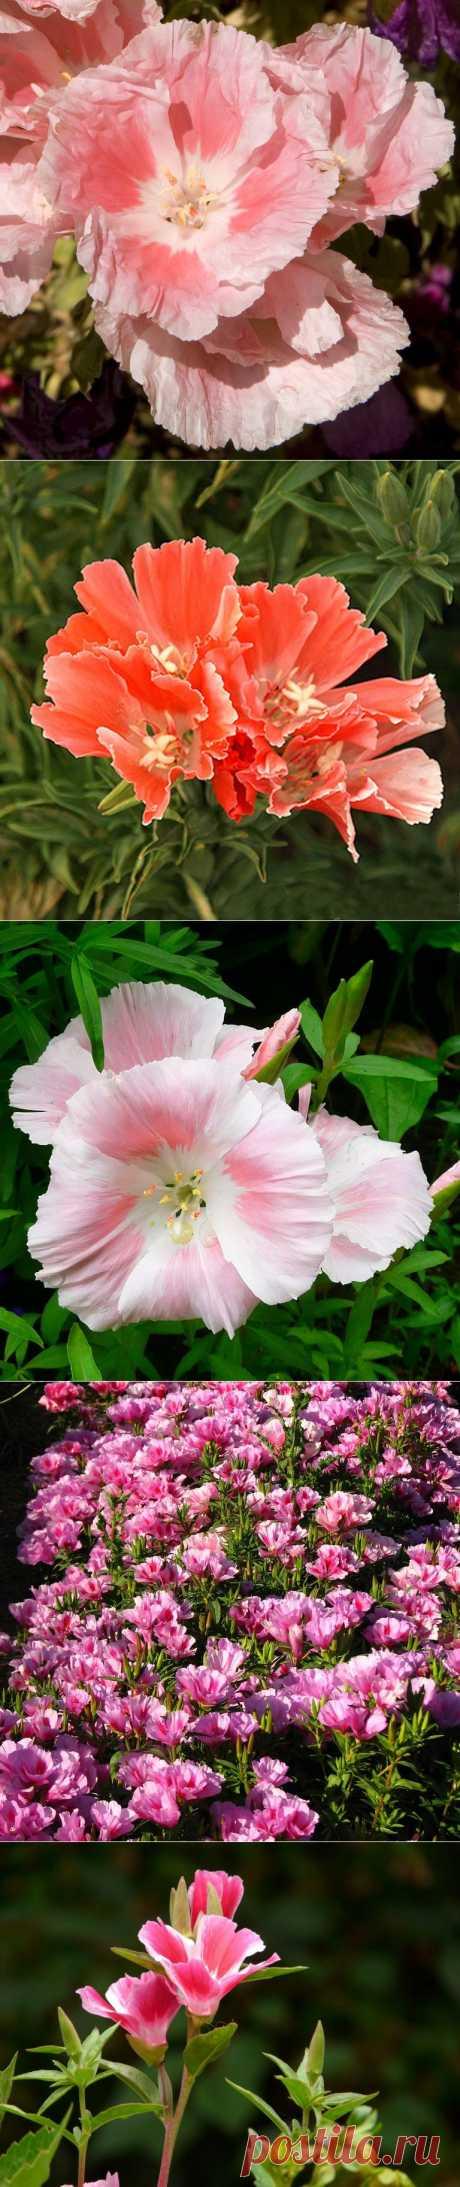 Годеция - цветок страсти. «Годеция — цветок страсти, она, словно кипящий вулкан, каждый год возрождается из маленького семени, чтобы снова и снова радовать глаз человека. Годеция — любимица многих садоводов, привлекает своим ярким нарядом, поражает, удивляет и навсегда остается в памяти. Она — истинная леди, подлинная красота и само совершенство. В нее невозможно не влюбиться, ее невозможно забыть».